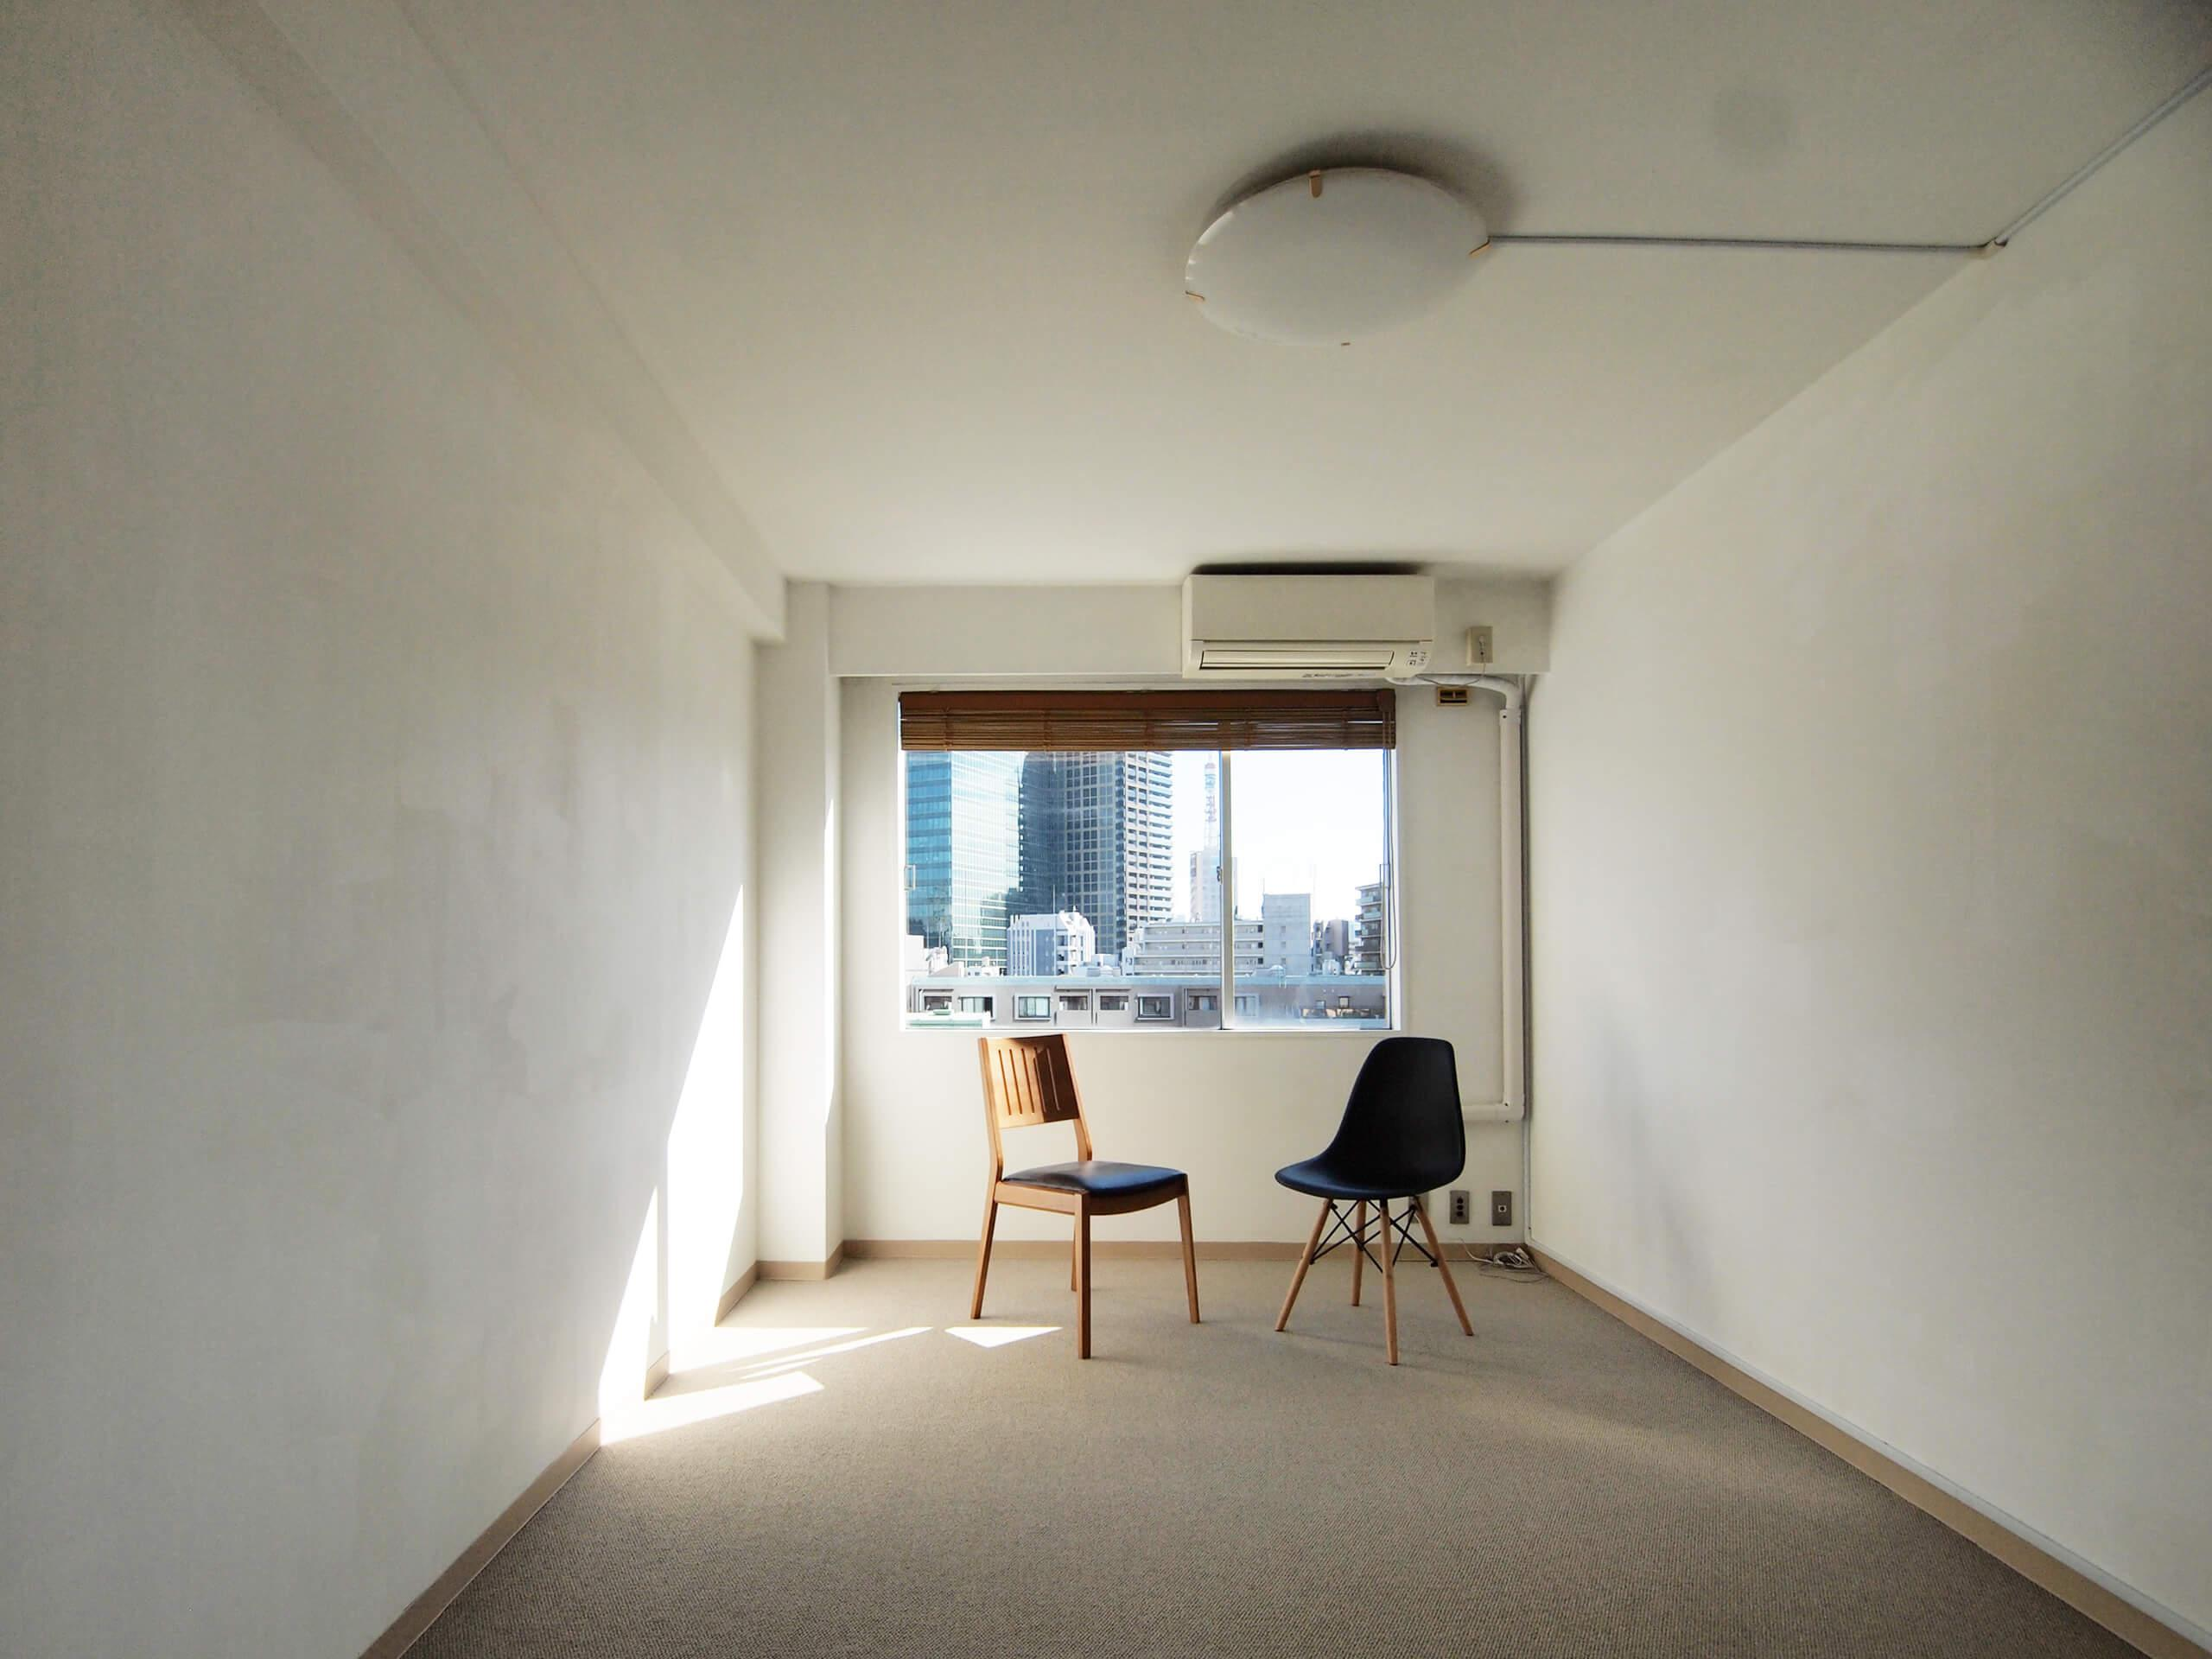 六本木クラシック (港区六本木の物件) - 東京R不動産